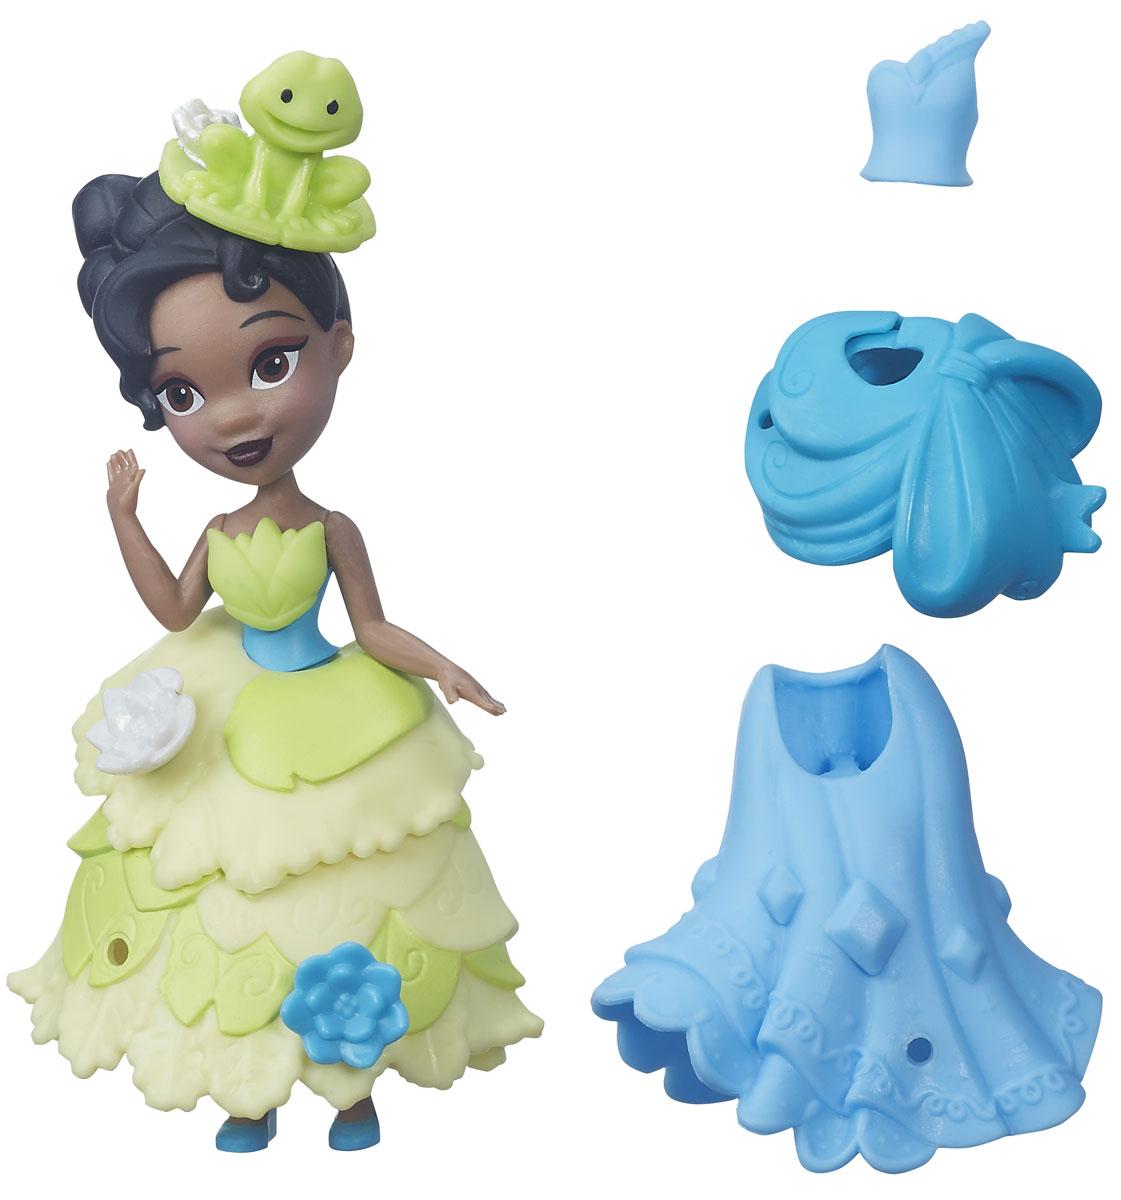 Disney Princess Мини-кукла Тиана и модные нарядыB5327EU4_B5327Мини-кукла Disney Princess Тиана обязательно понравится всем поклонницам диснеевских принцесс. Помимо принцессы Тианы в красивом платье, в набор входят дополнительный наряд для героини и несколько аксессуаров, с помощью которых можно декорировать одеяние принцессы. Такому набору будет рада каждая маленькая модница, ведь создавать и менять образы любимой куклы - это так интересно! Вашей малышке очень понравится яркая расцветка нарядов и украшения для мини-куклы, а также вносить изменение в образ любимой куклы, сочетая различные элементы наряда. Порадуйте свое драгоценное чадо столь занимательным и развлекательным подарком.